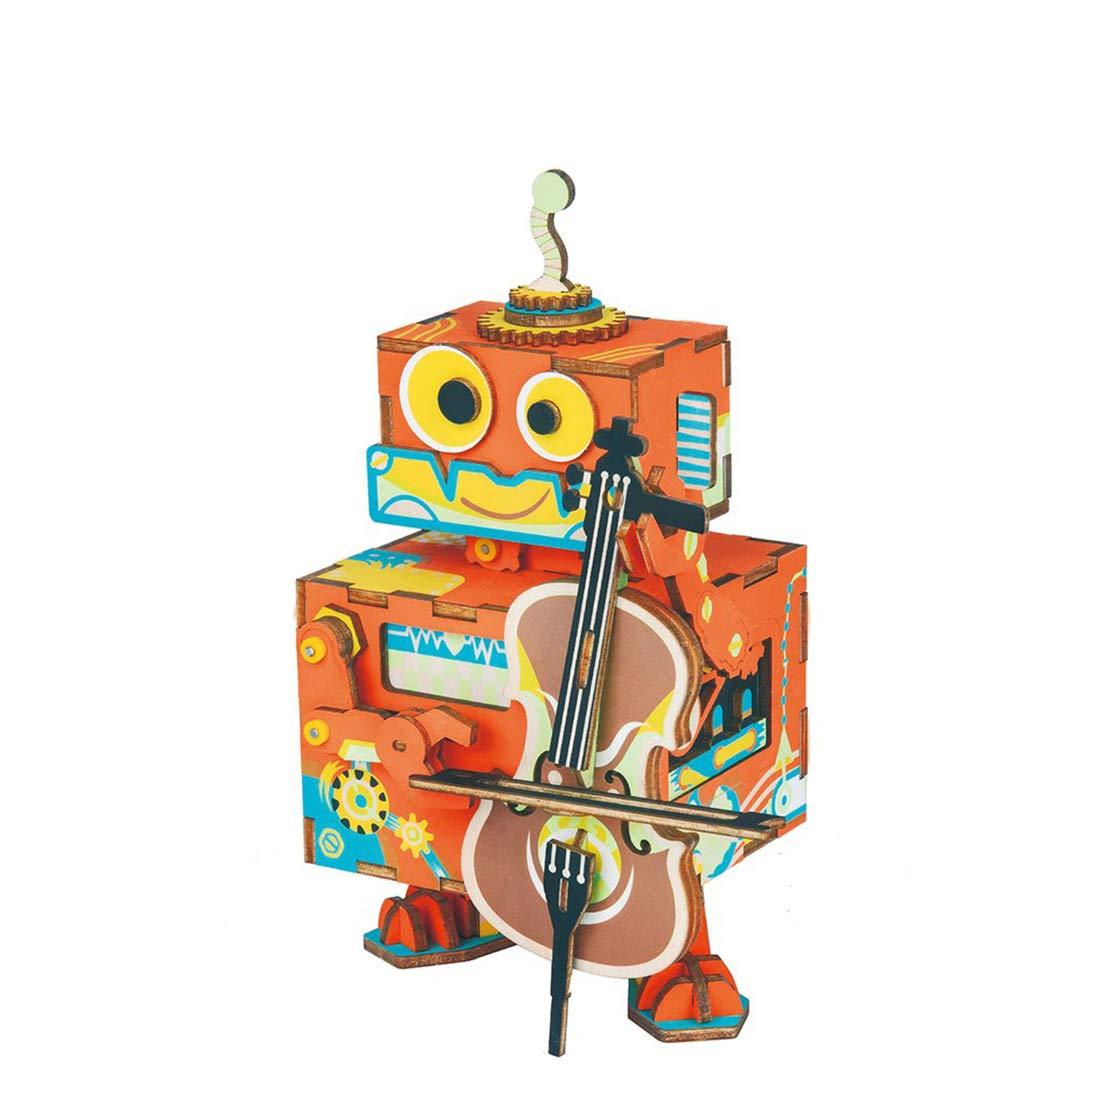 【オープニング大セール】 カートゥーン 3Dパズル 木製オルゴール DIY - クリエイティブ DIY 模型工芸キット 取り外し可能 3Dパズル - 子供用ギフト - Cello Summer B07H5LRP68, ジェラート専門店ドルチェ 本店:846a1069 --- arcego.dominiotemporario.com